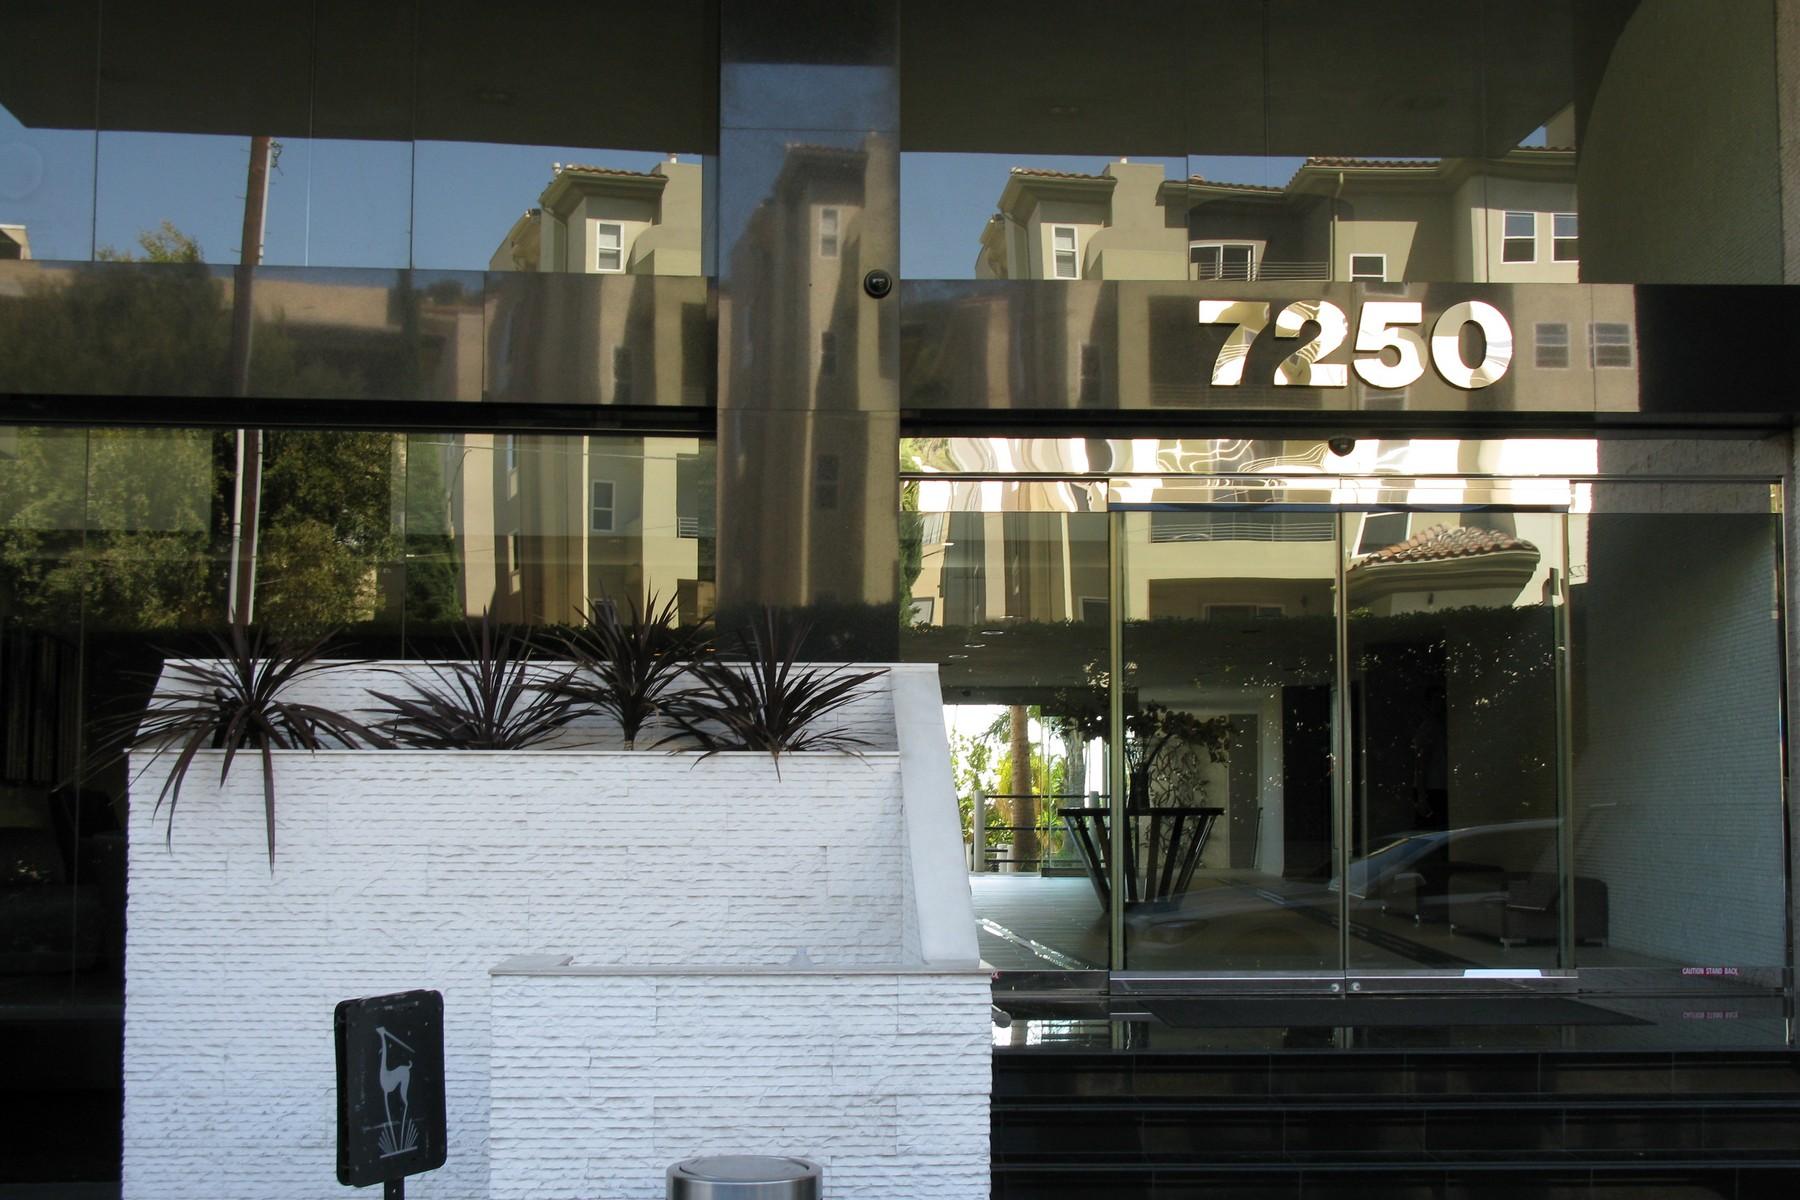 콘도미니엄 용 매매 에 7250 Franklin Ave #714 Los Angeles, 캘리포니아, 90046 미국